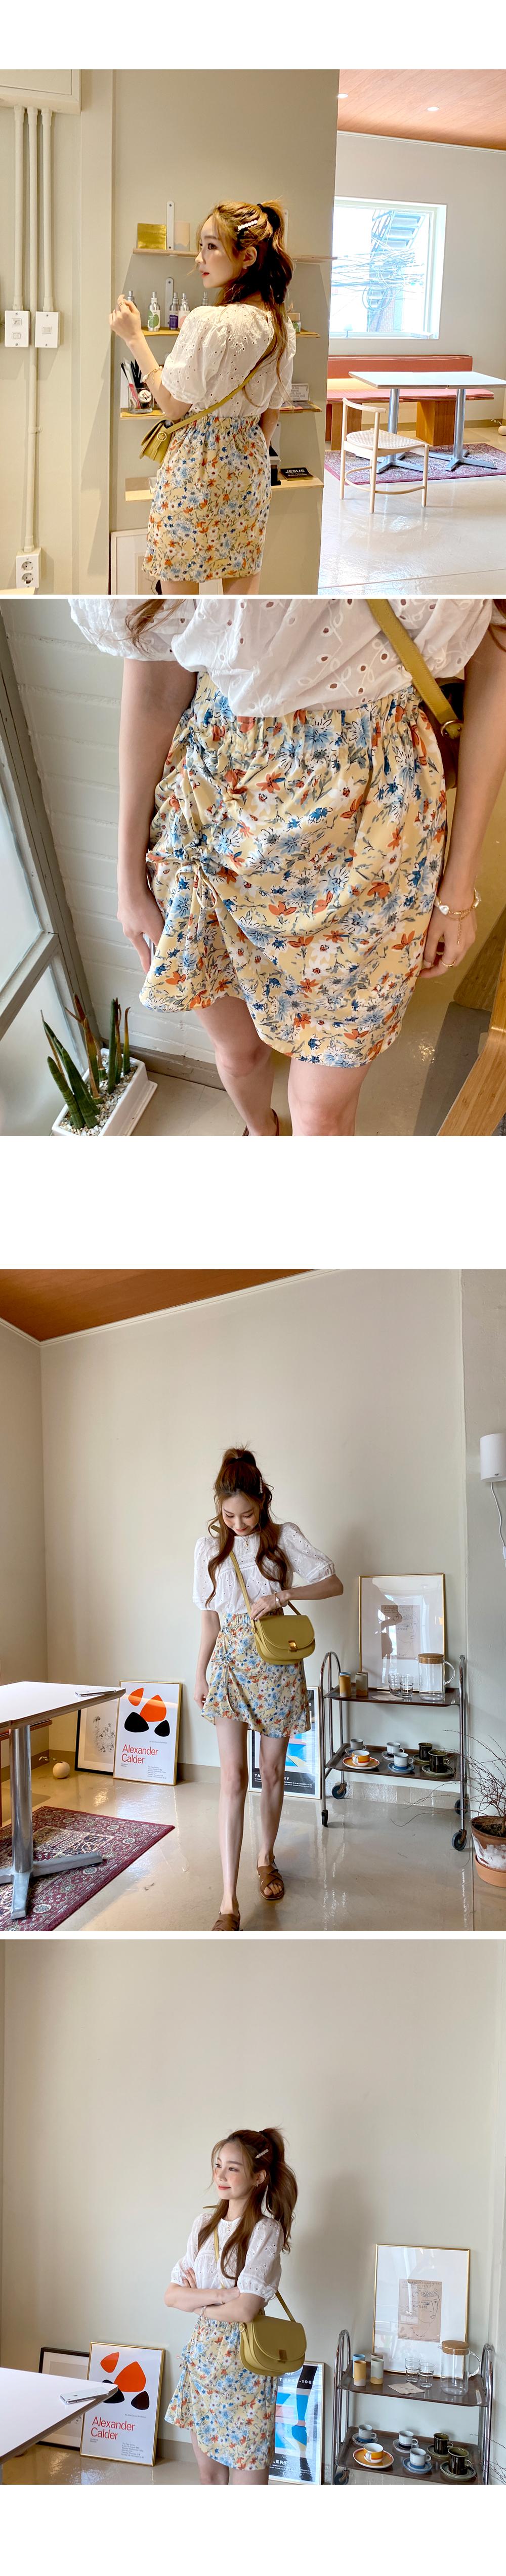 Flower string skirt